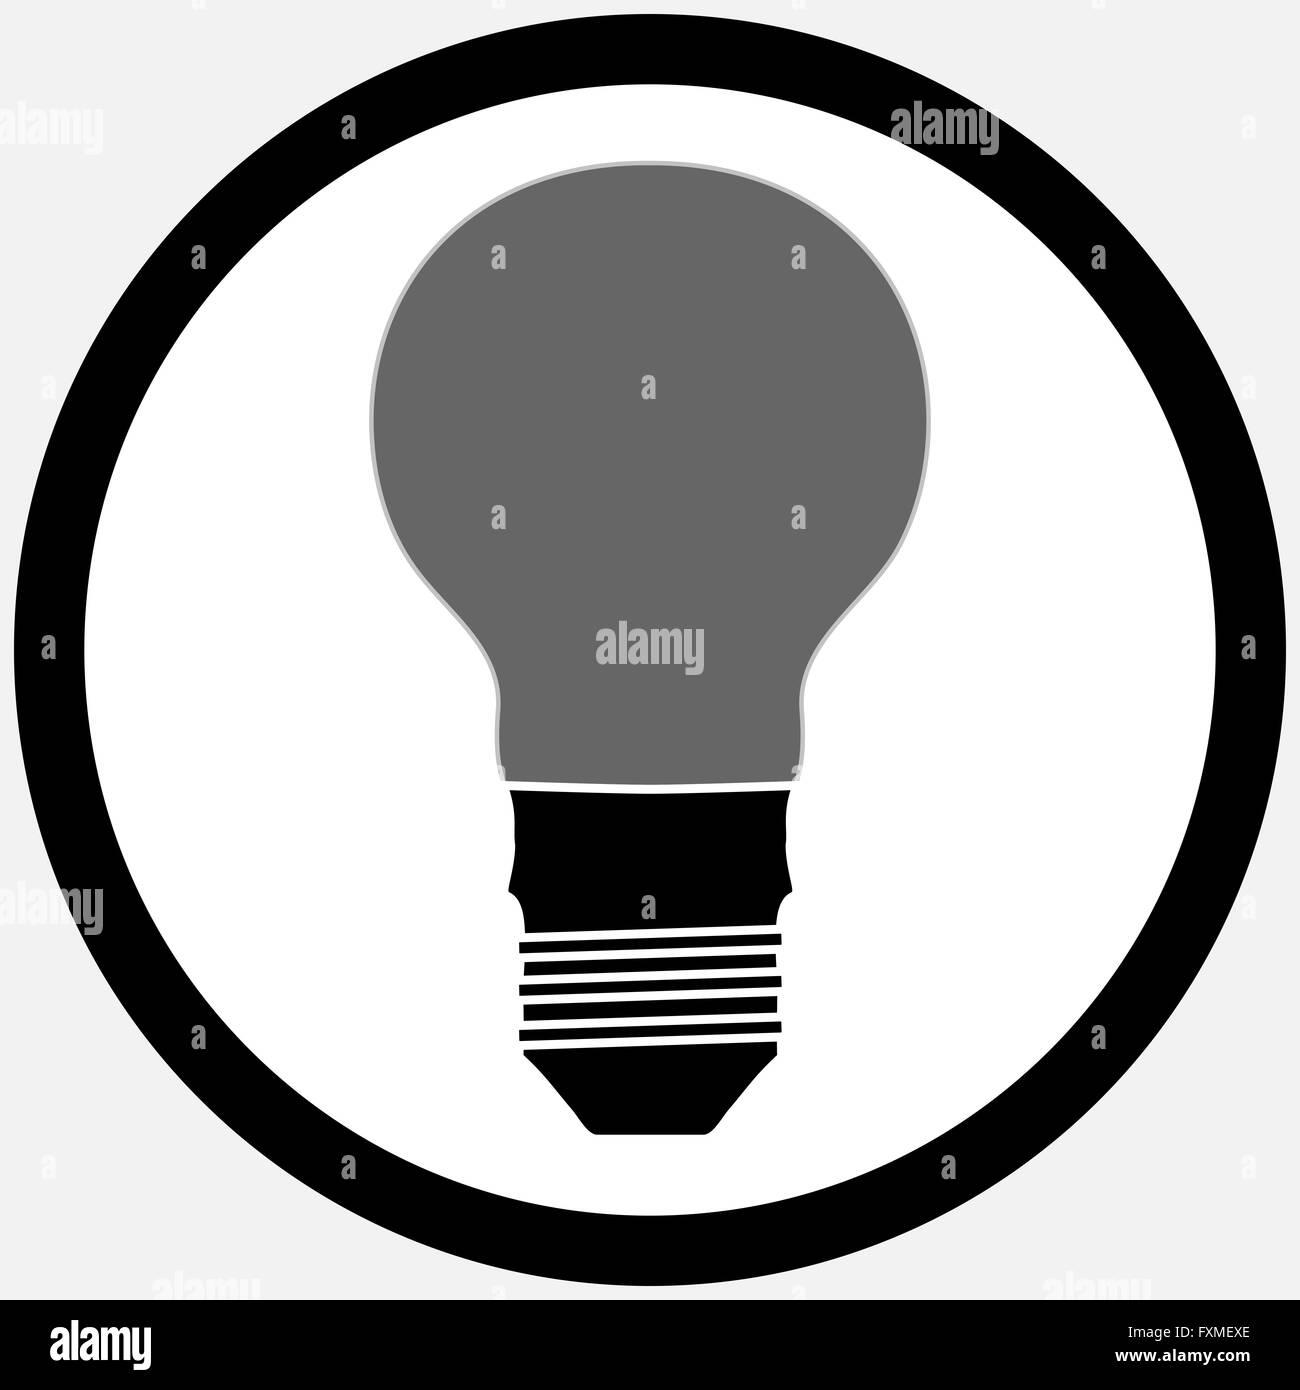 Idee-Lampe Lampe Symbol schwarz weiß. Idee und Glühbirne Lichtsymbol ...